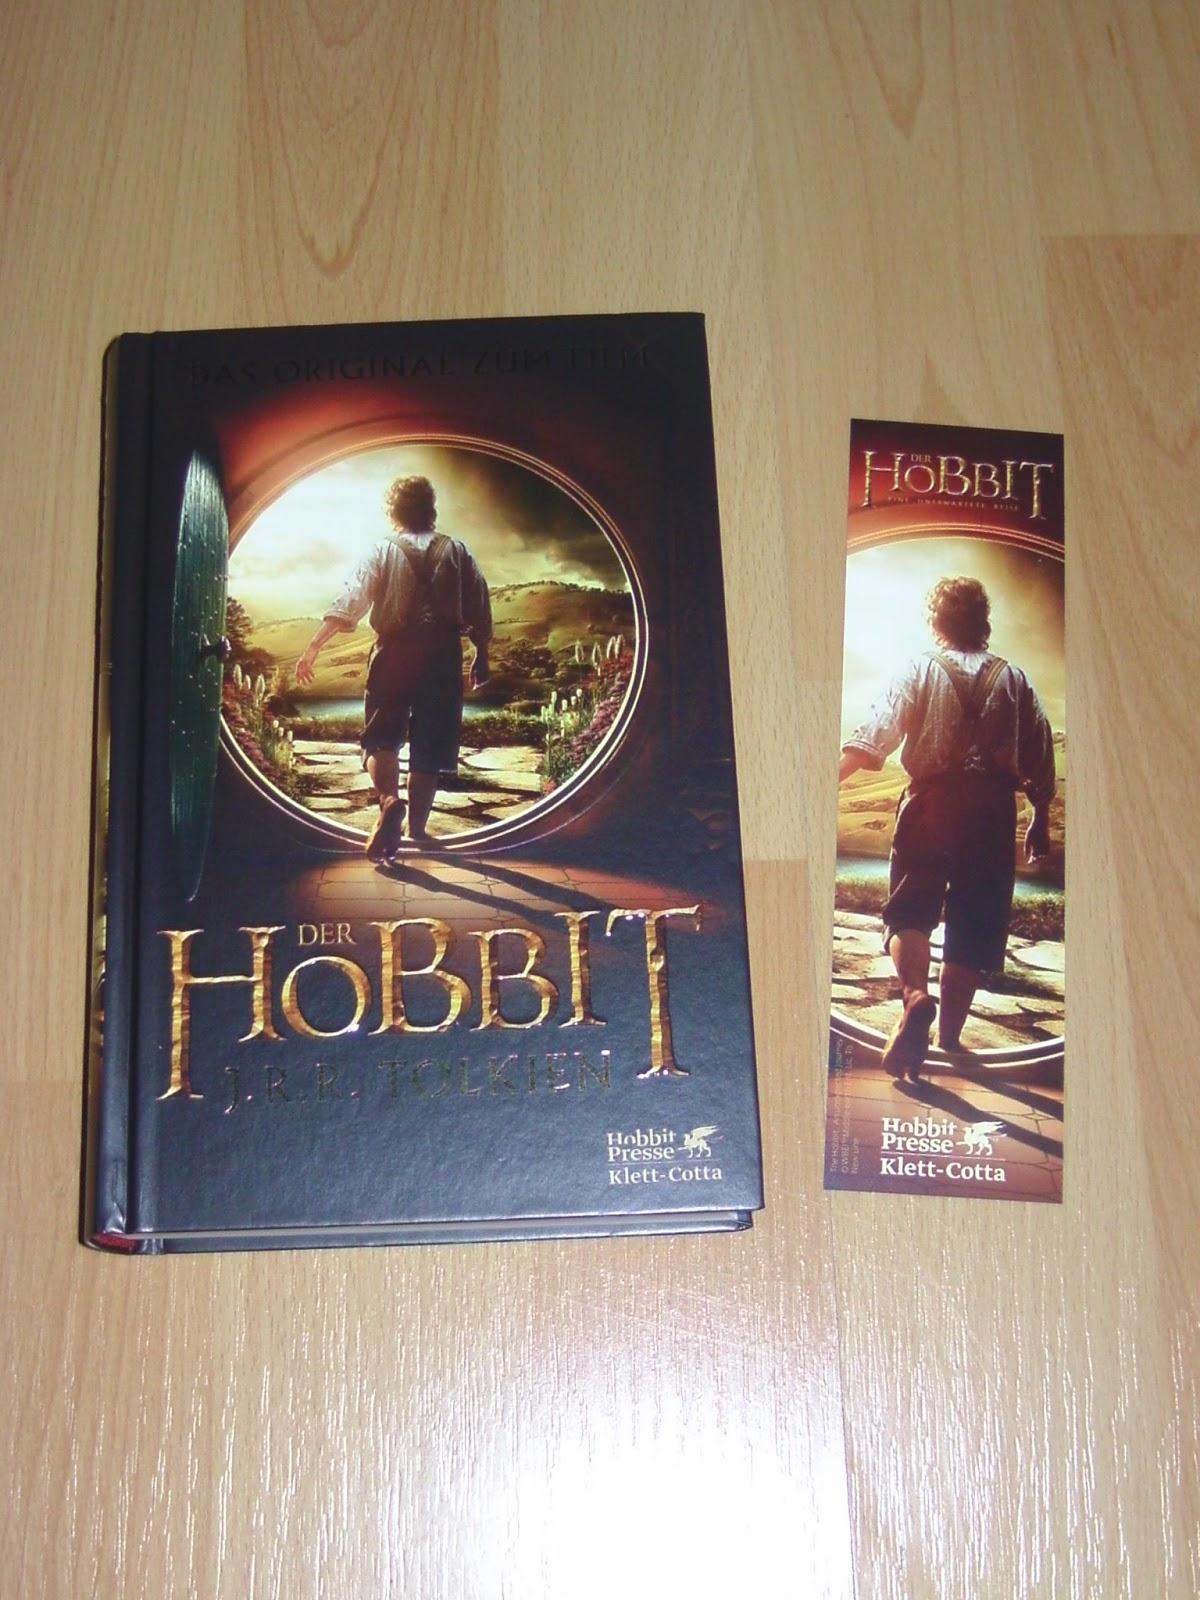 http://www.amazon.de/Hobbit-oder-zur%C3%BCck-Original-Film/dp/3608939776/ref=sr_1_2?s=books&ie=UTF8&qid=1426421437&sr=1-2&keywords=der+hobbit+buch